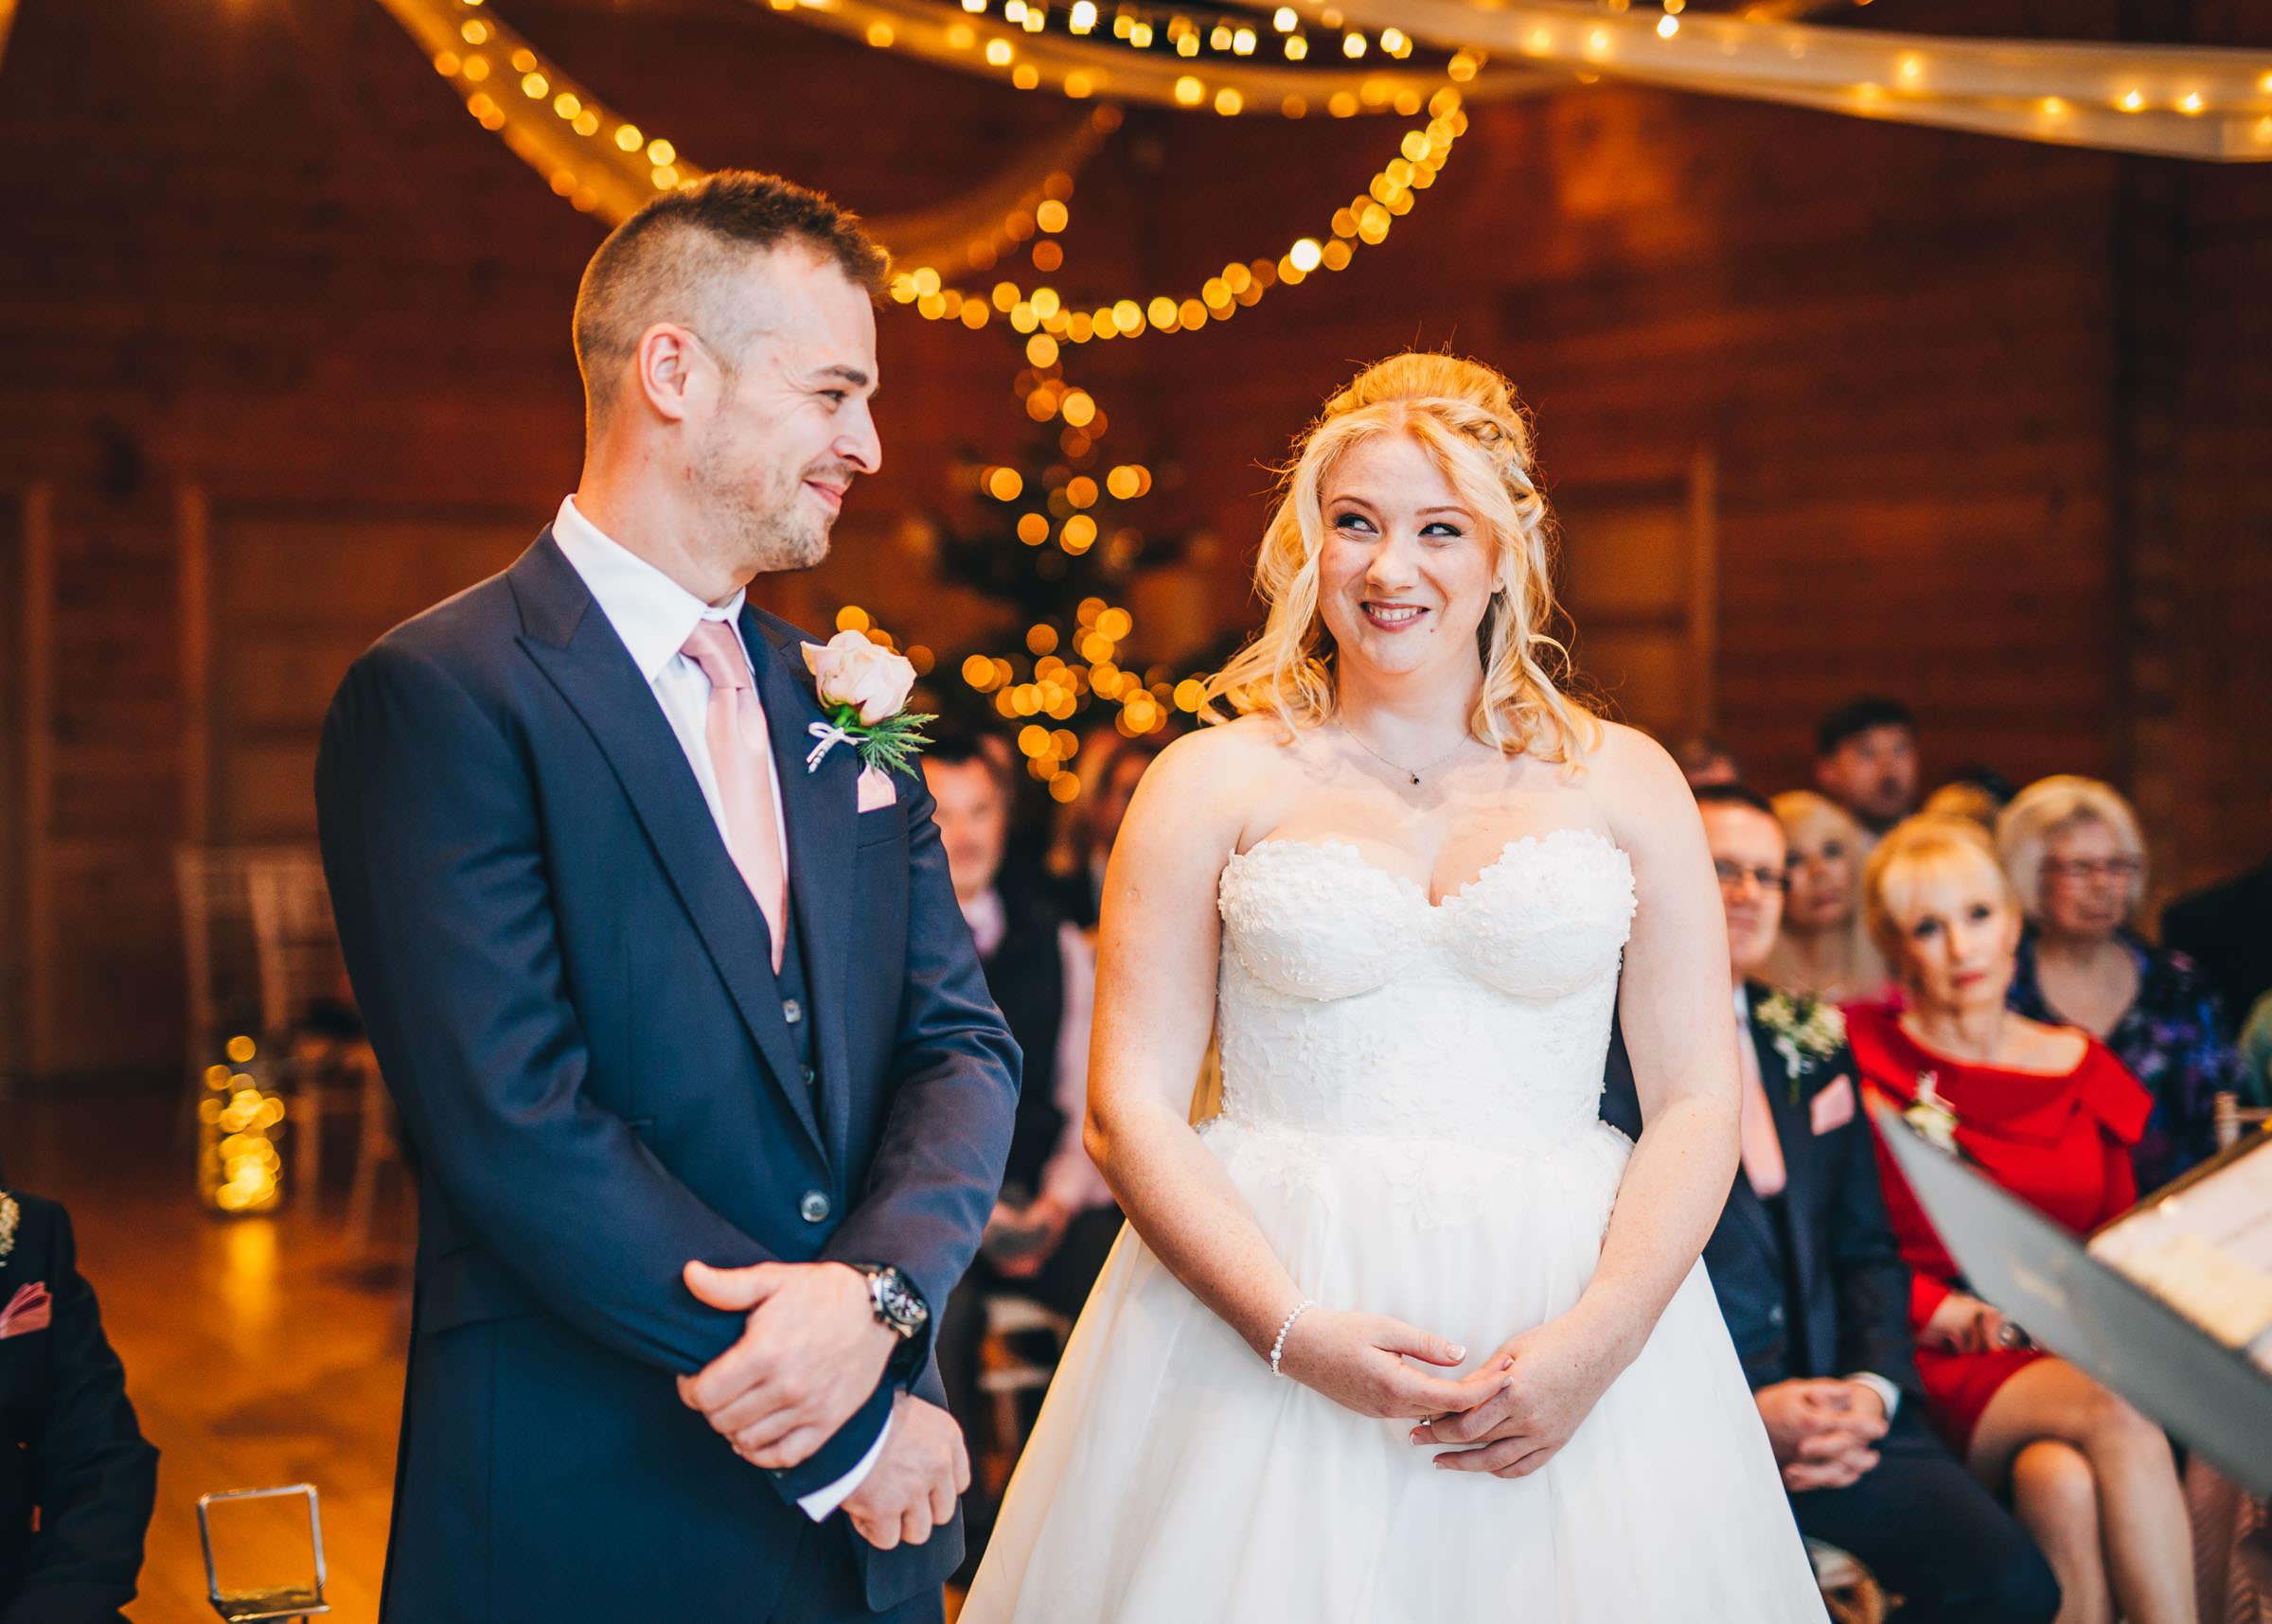 fun wedding photography - Styal Lodge wedding